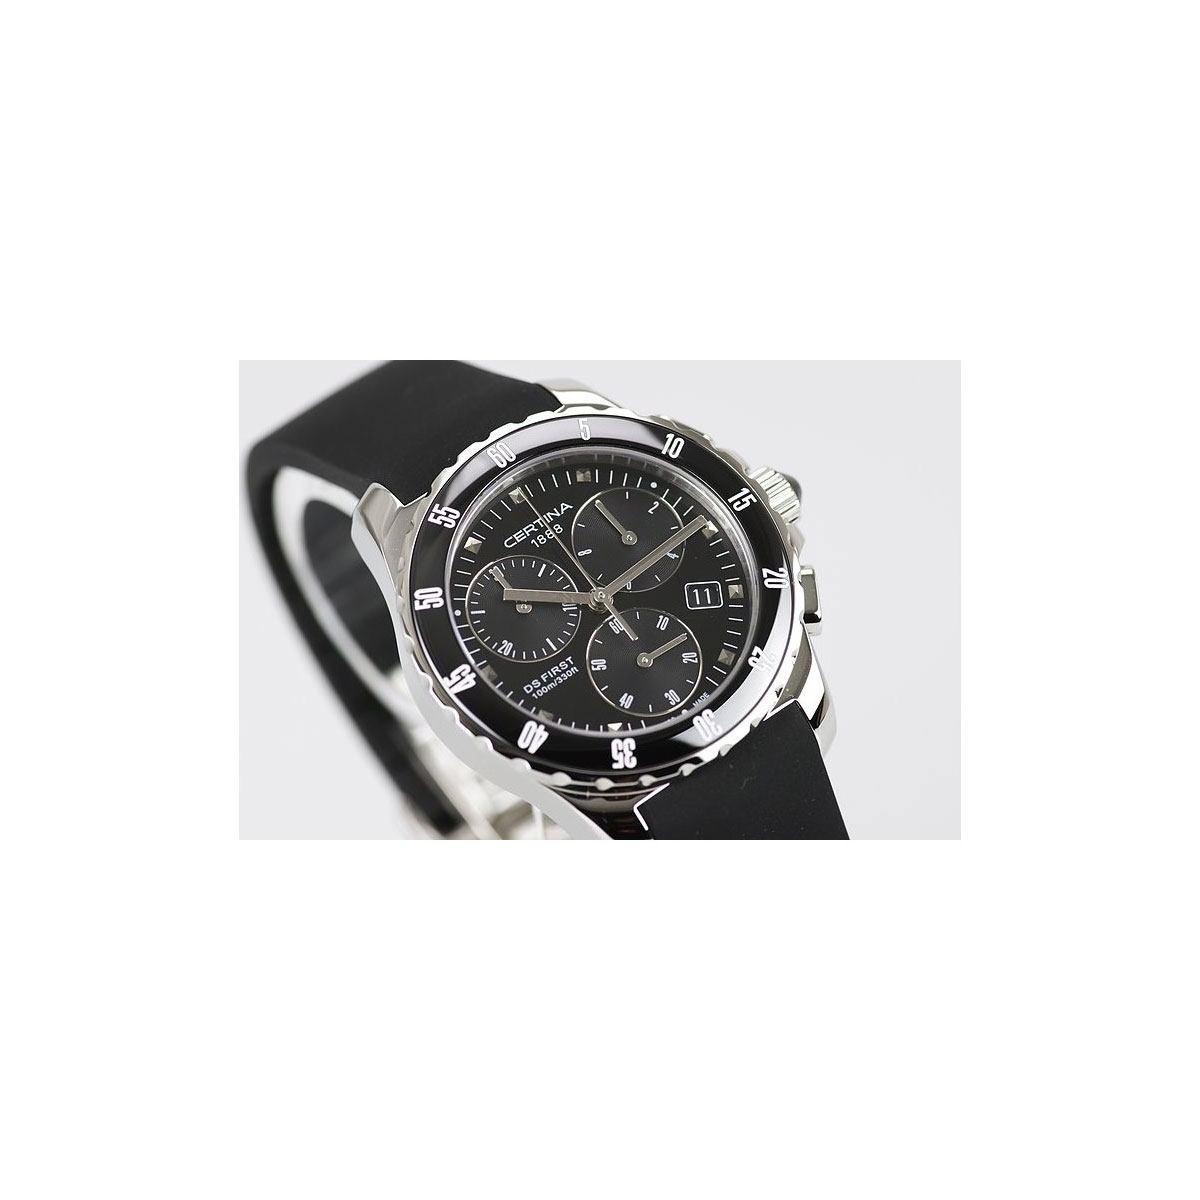 Часовник Certina C014.217.17.051.00